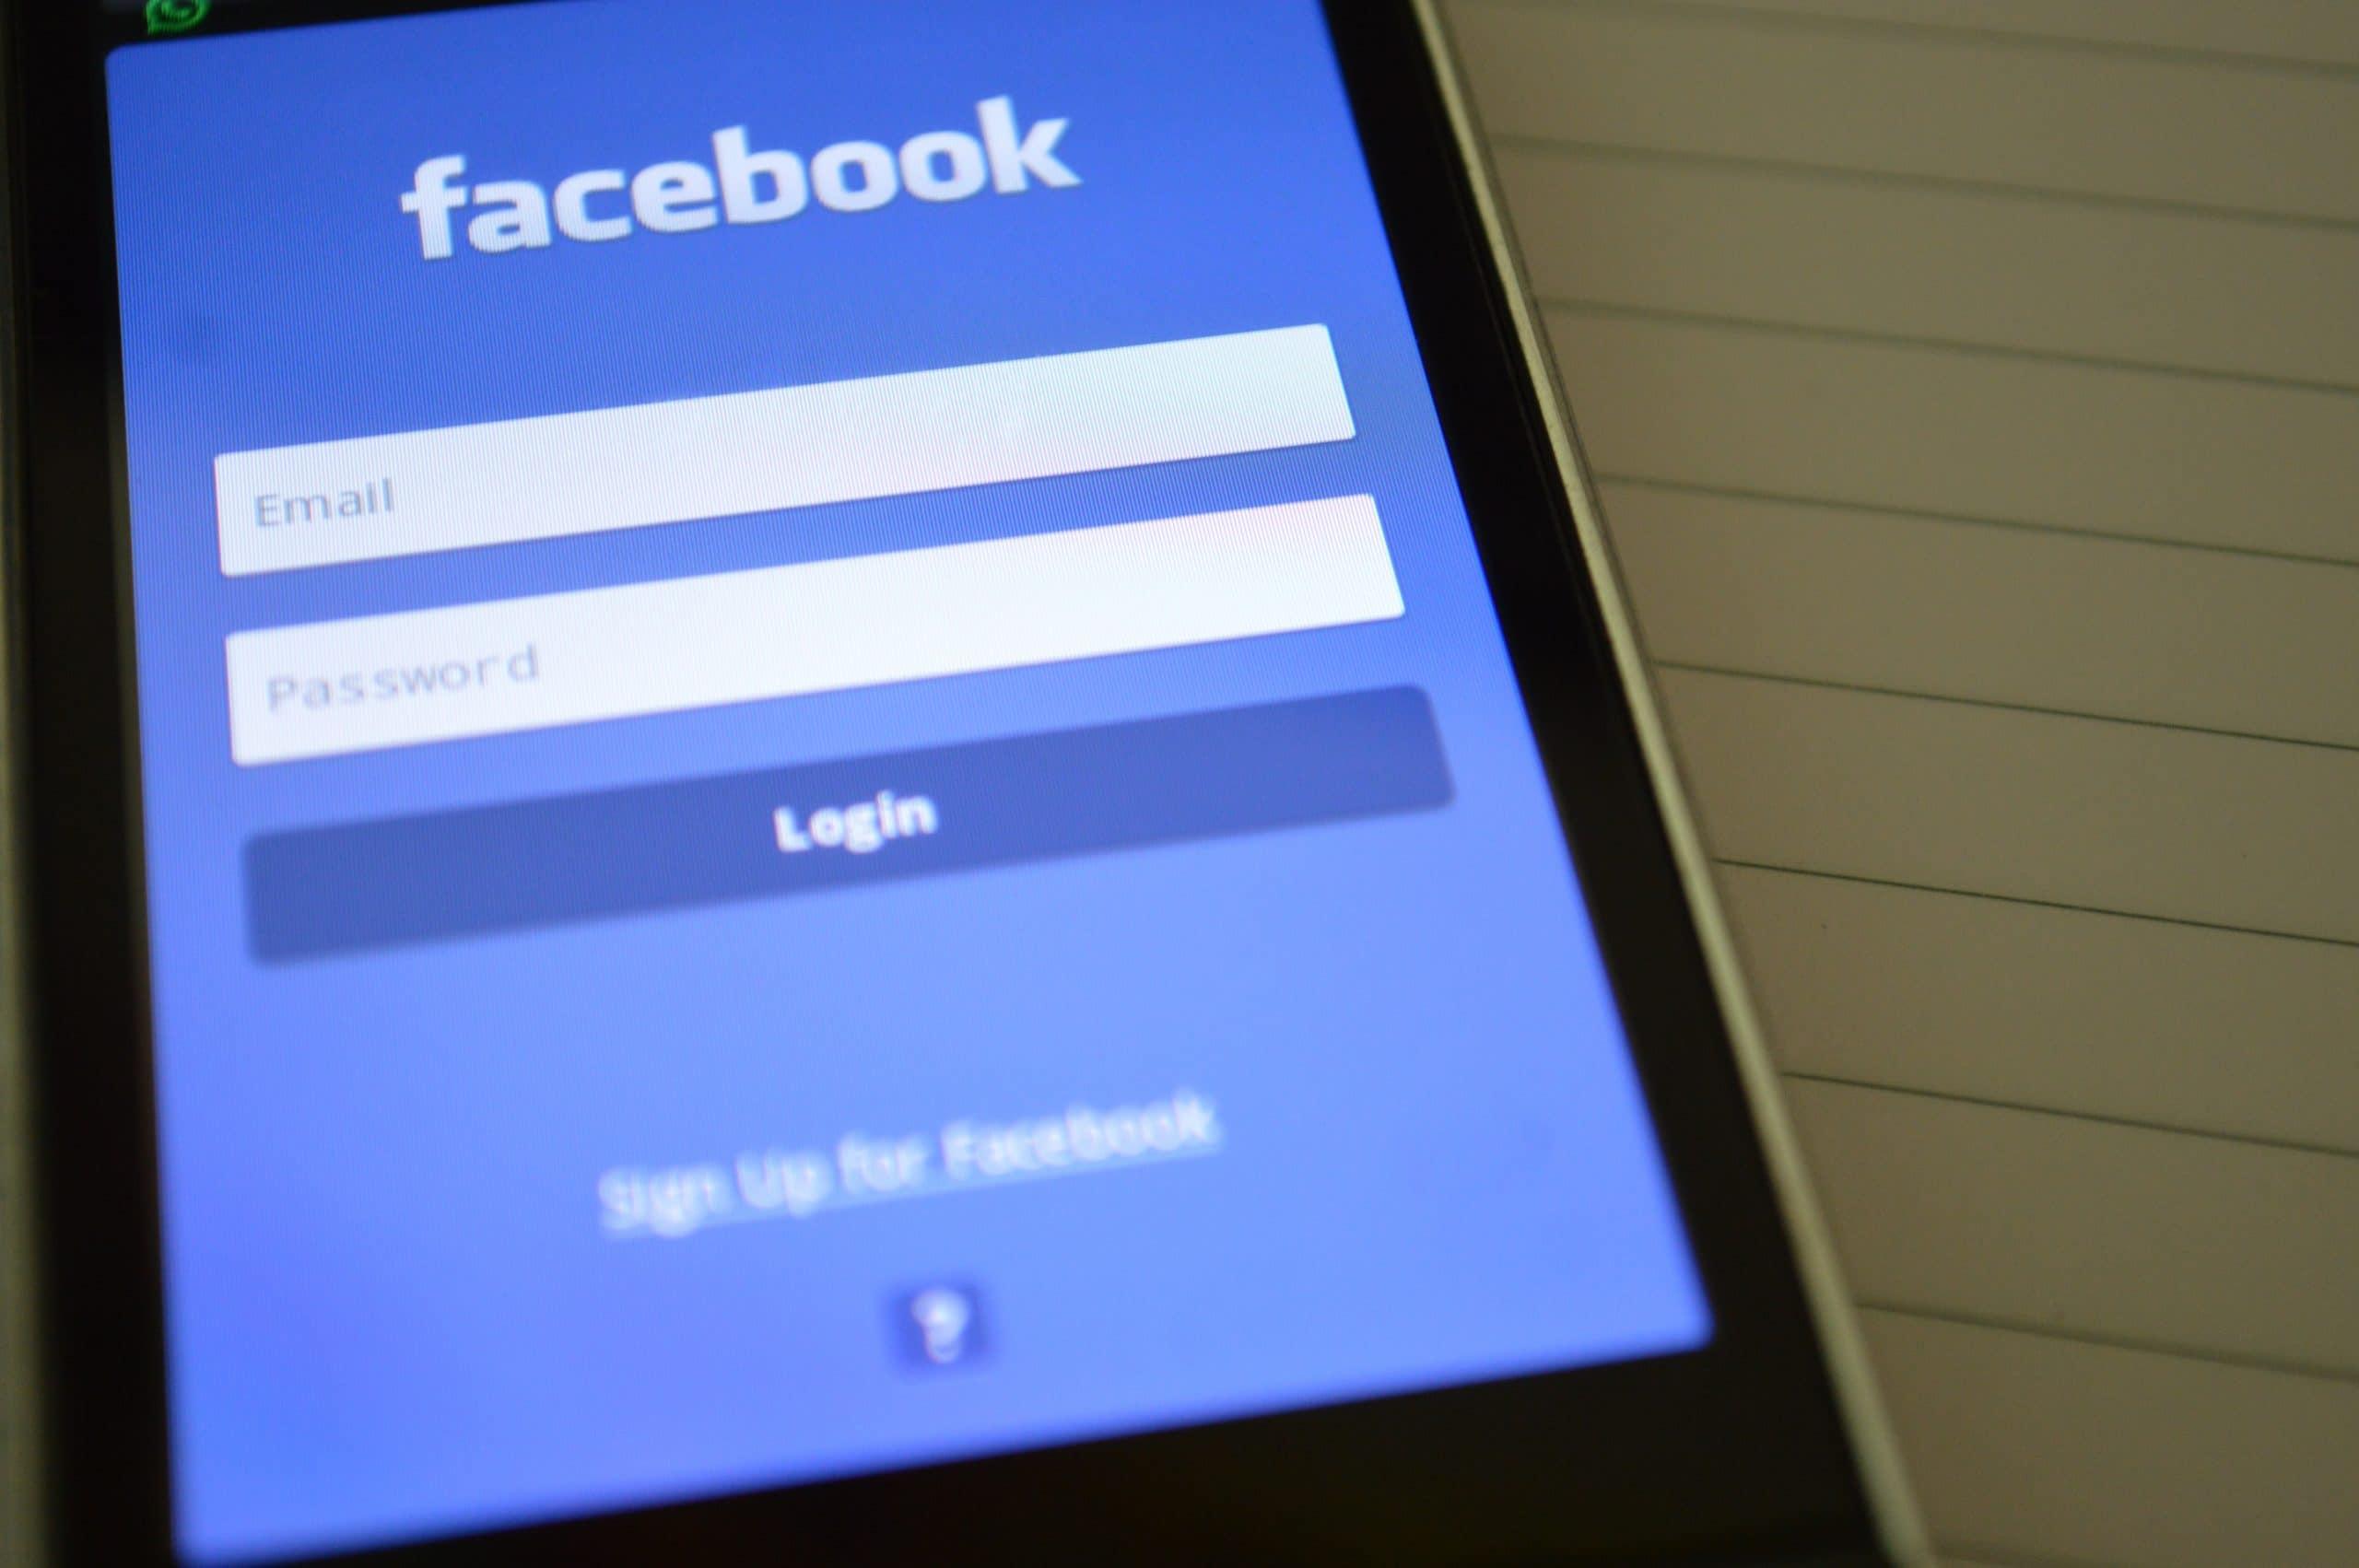 Celular aberto na tela de login do Facebook.